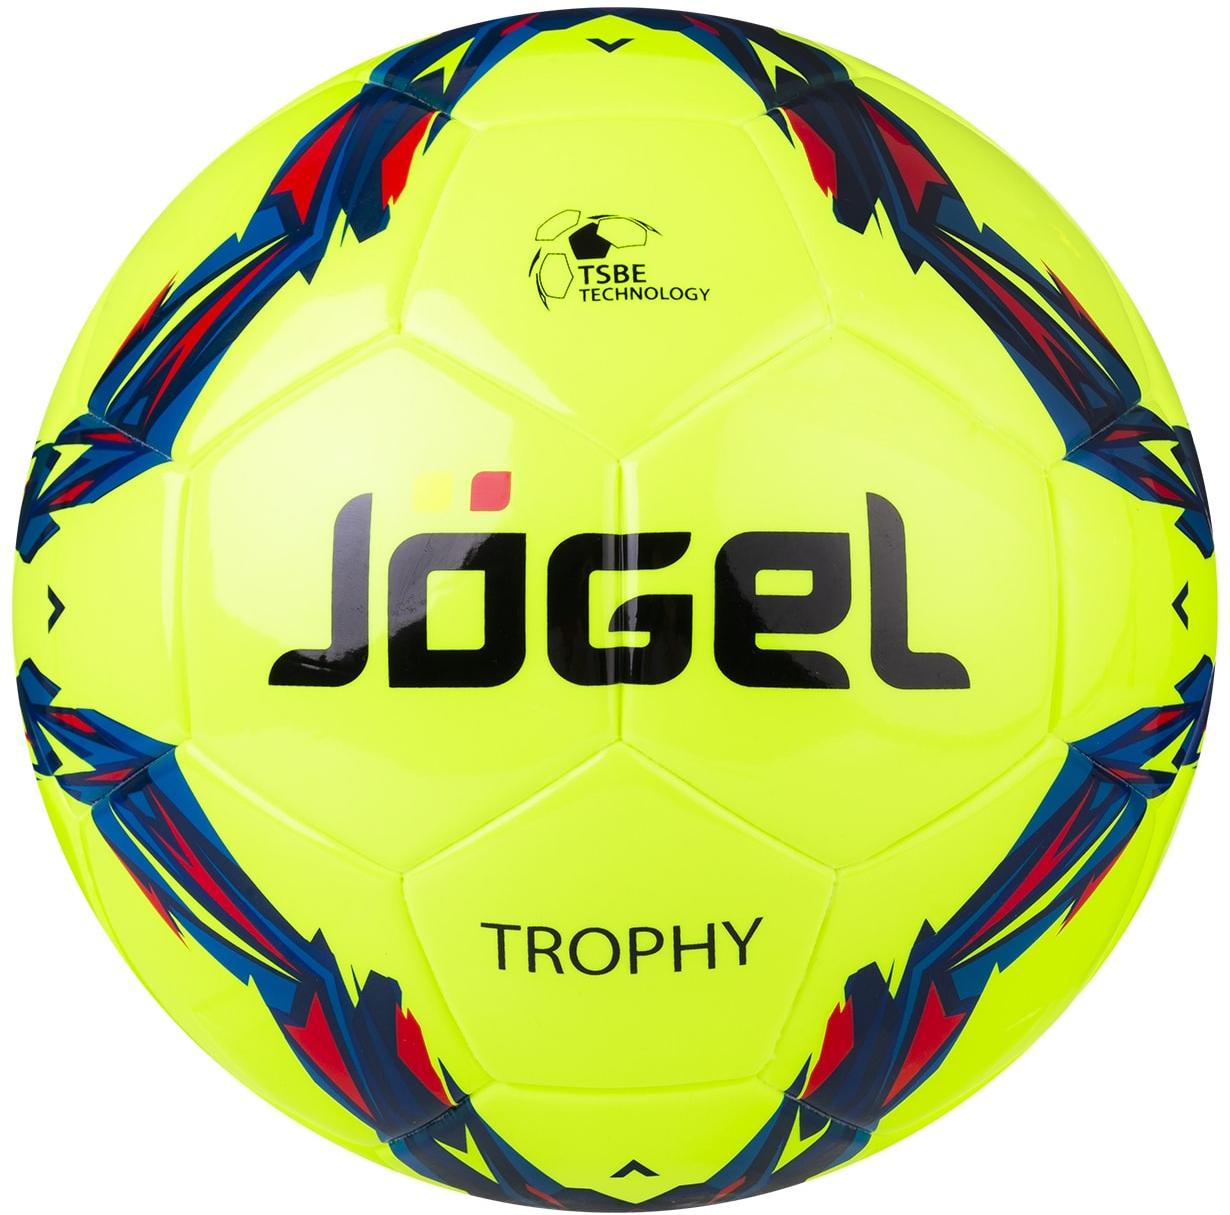 Мяч футбольный Jogel JS-950 Trophy. Размер №5